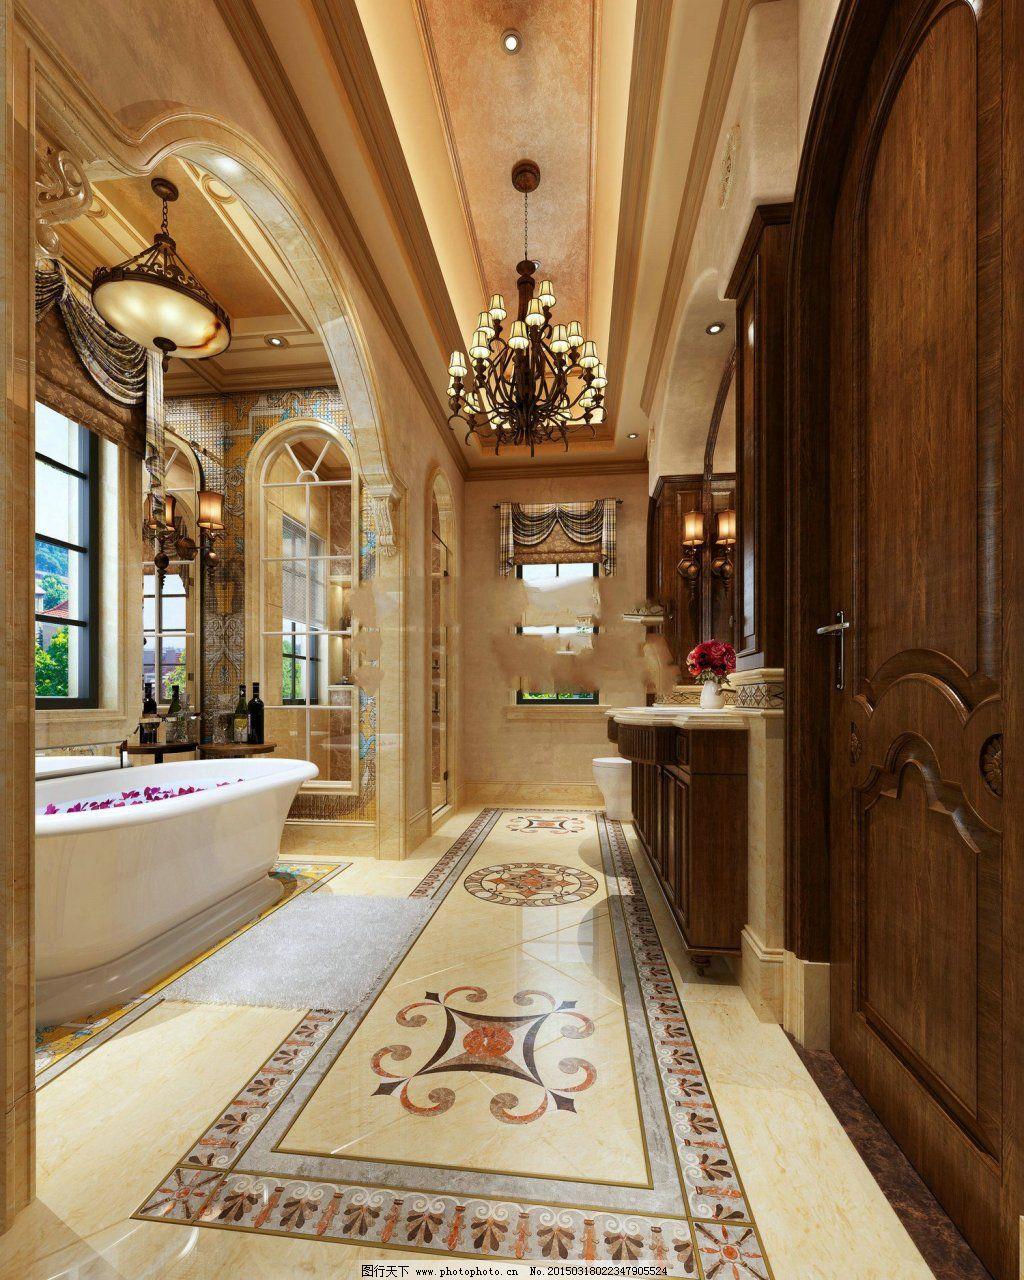 欧式卫生间免费下载 复古 模型 欧式        浴缸 装修 复古 模型